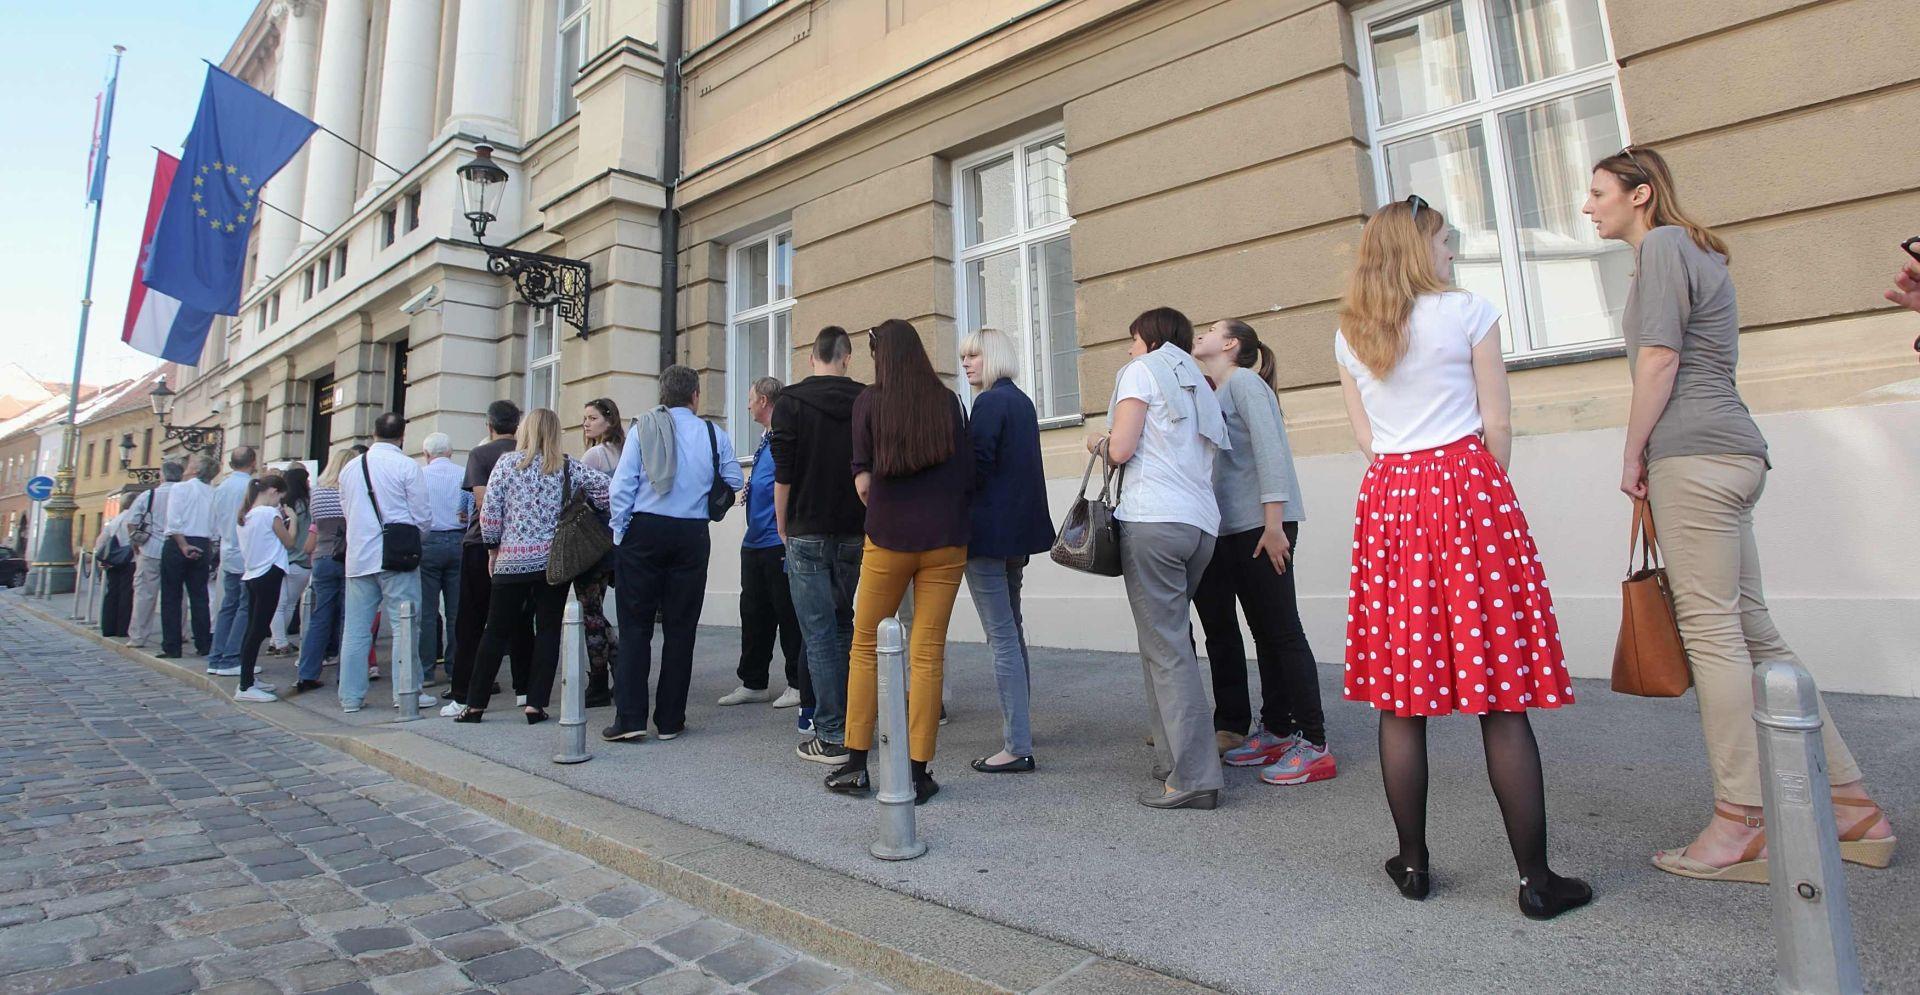 Hrvatski sabor u nedjelju otvara vrata građanima